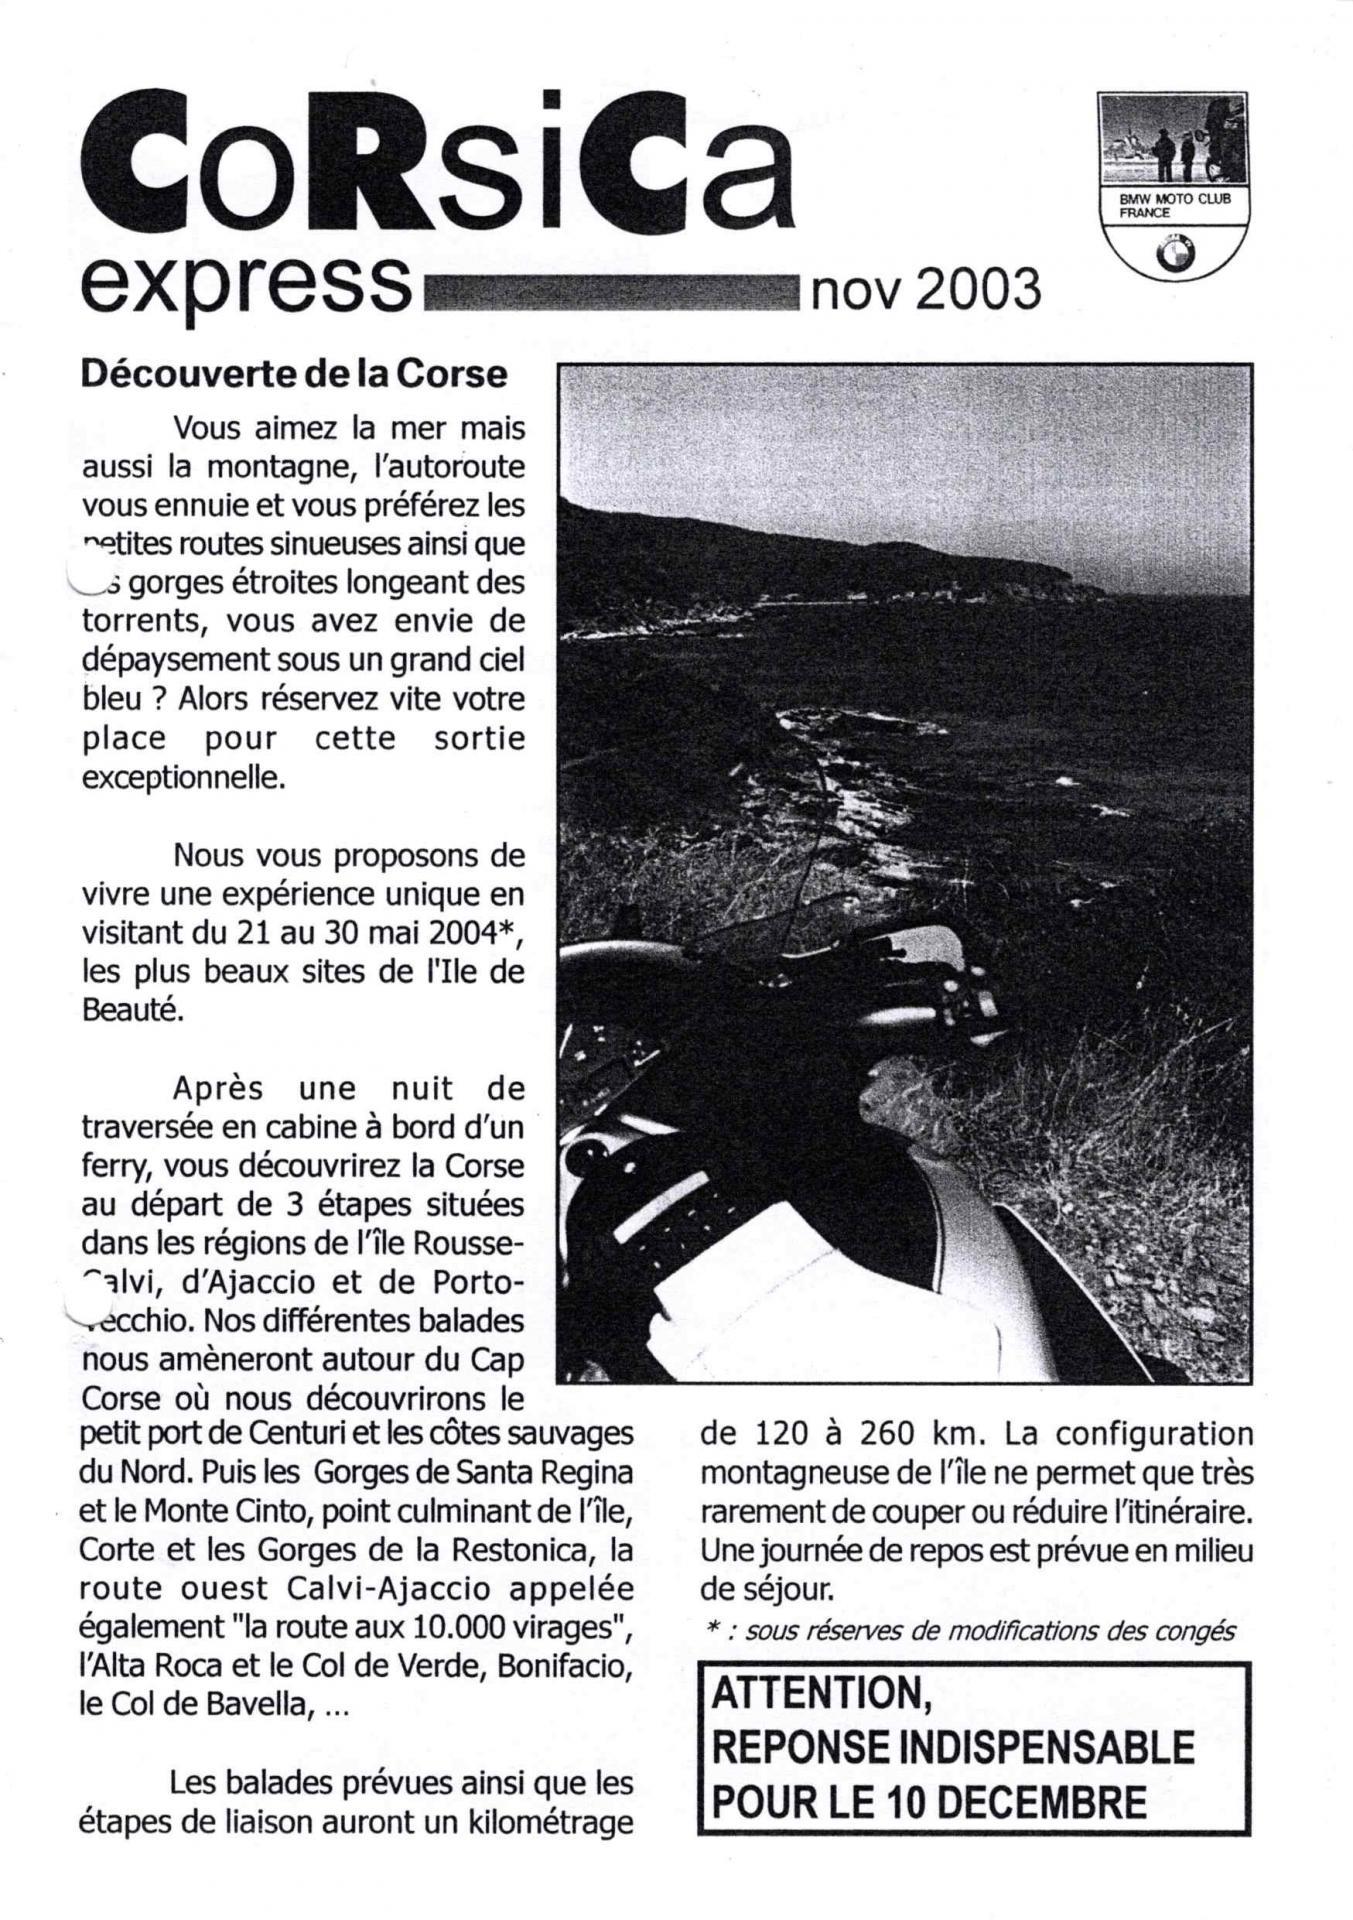 2003 11 corsica express 1